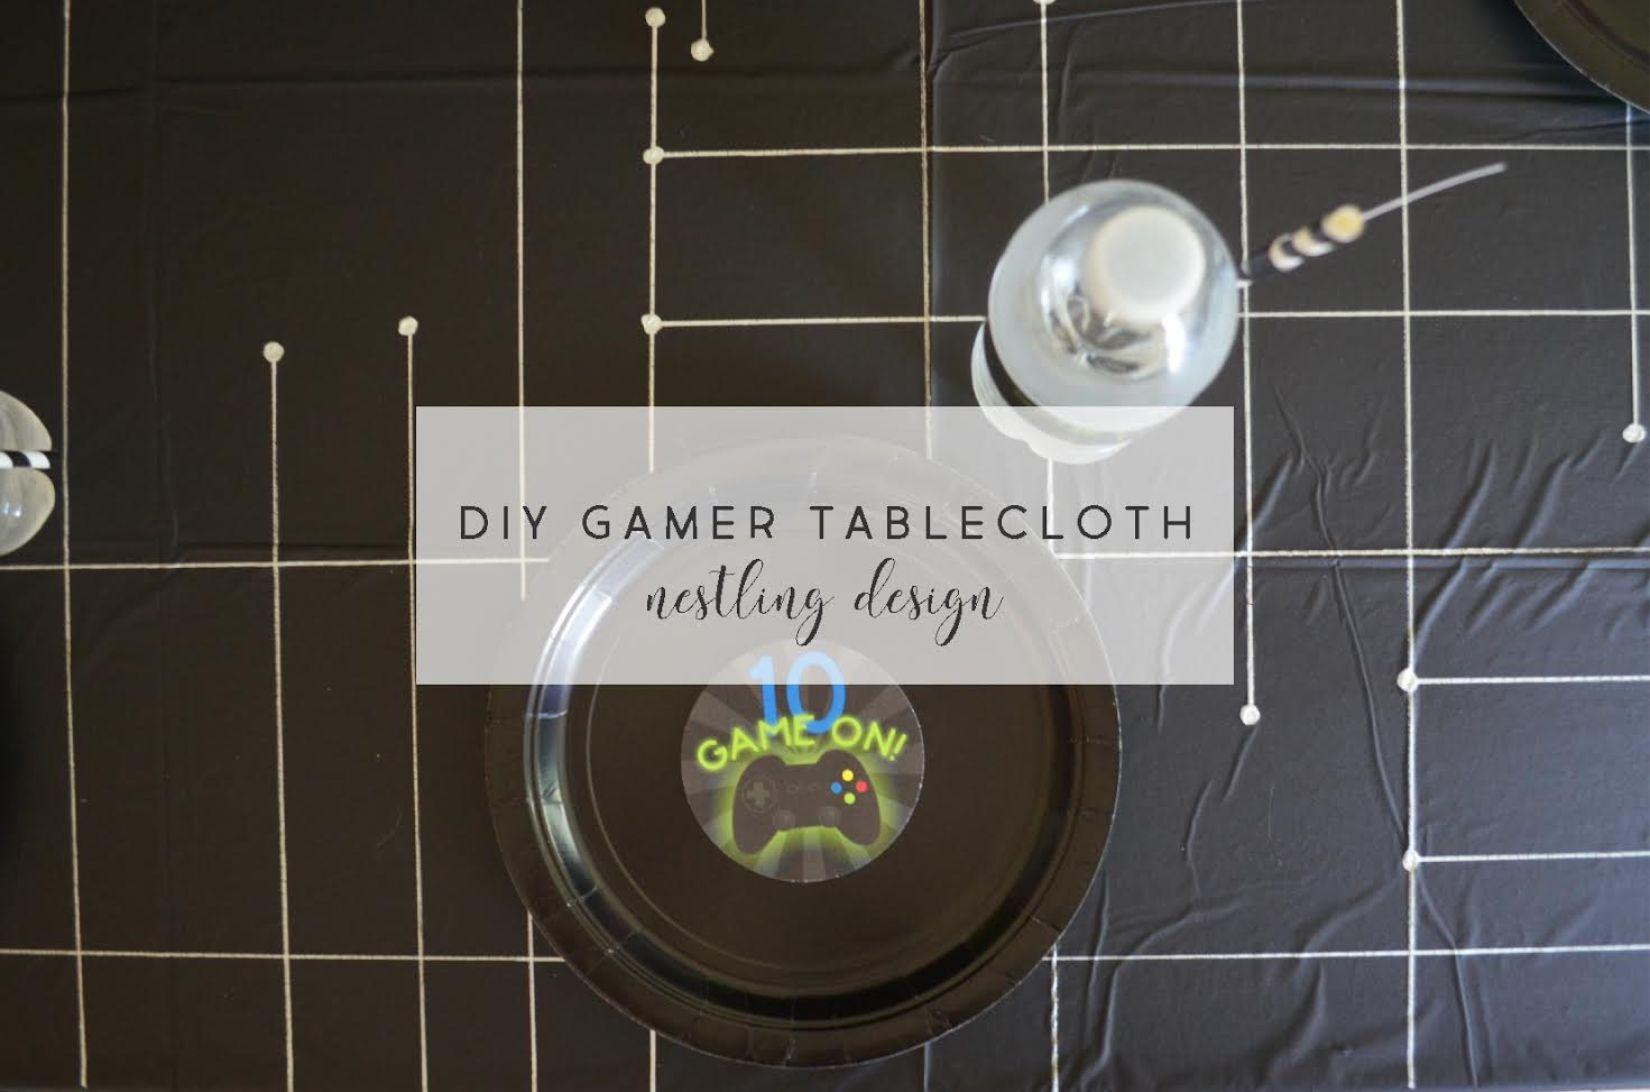 DIY Gaming Tablecloth